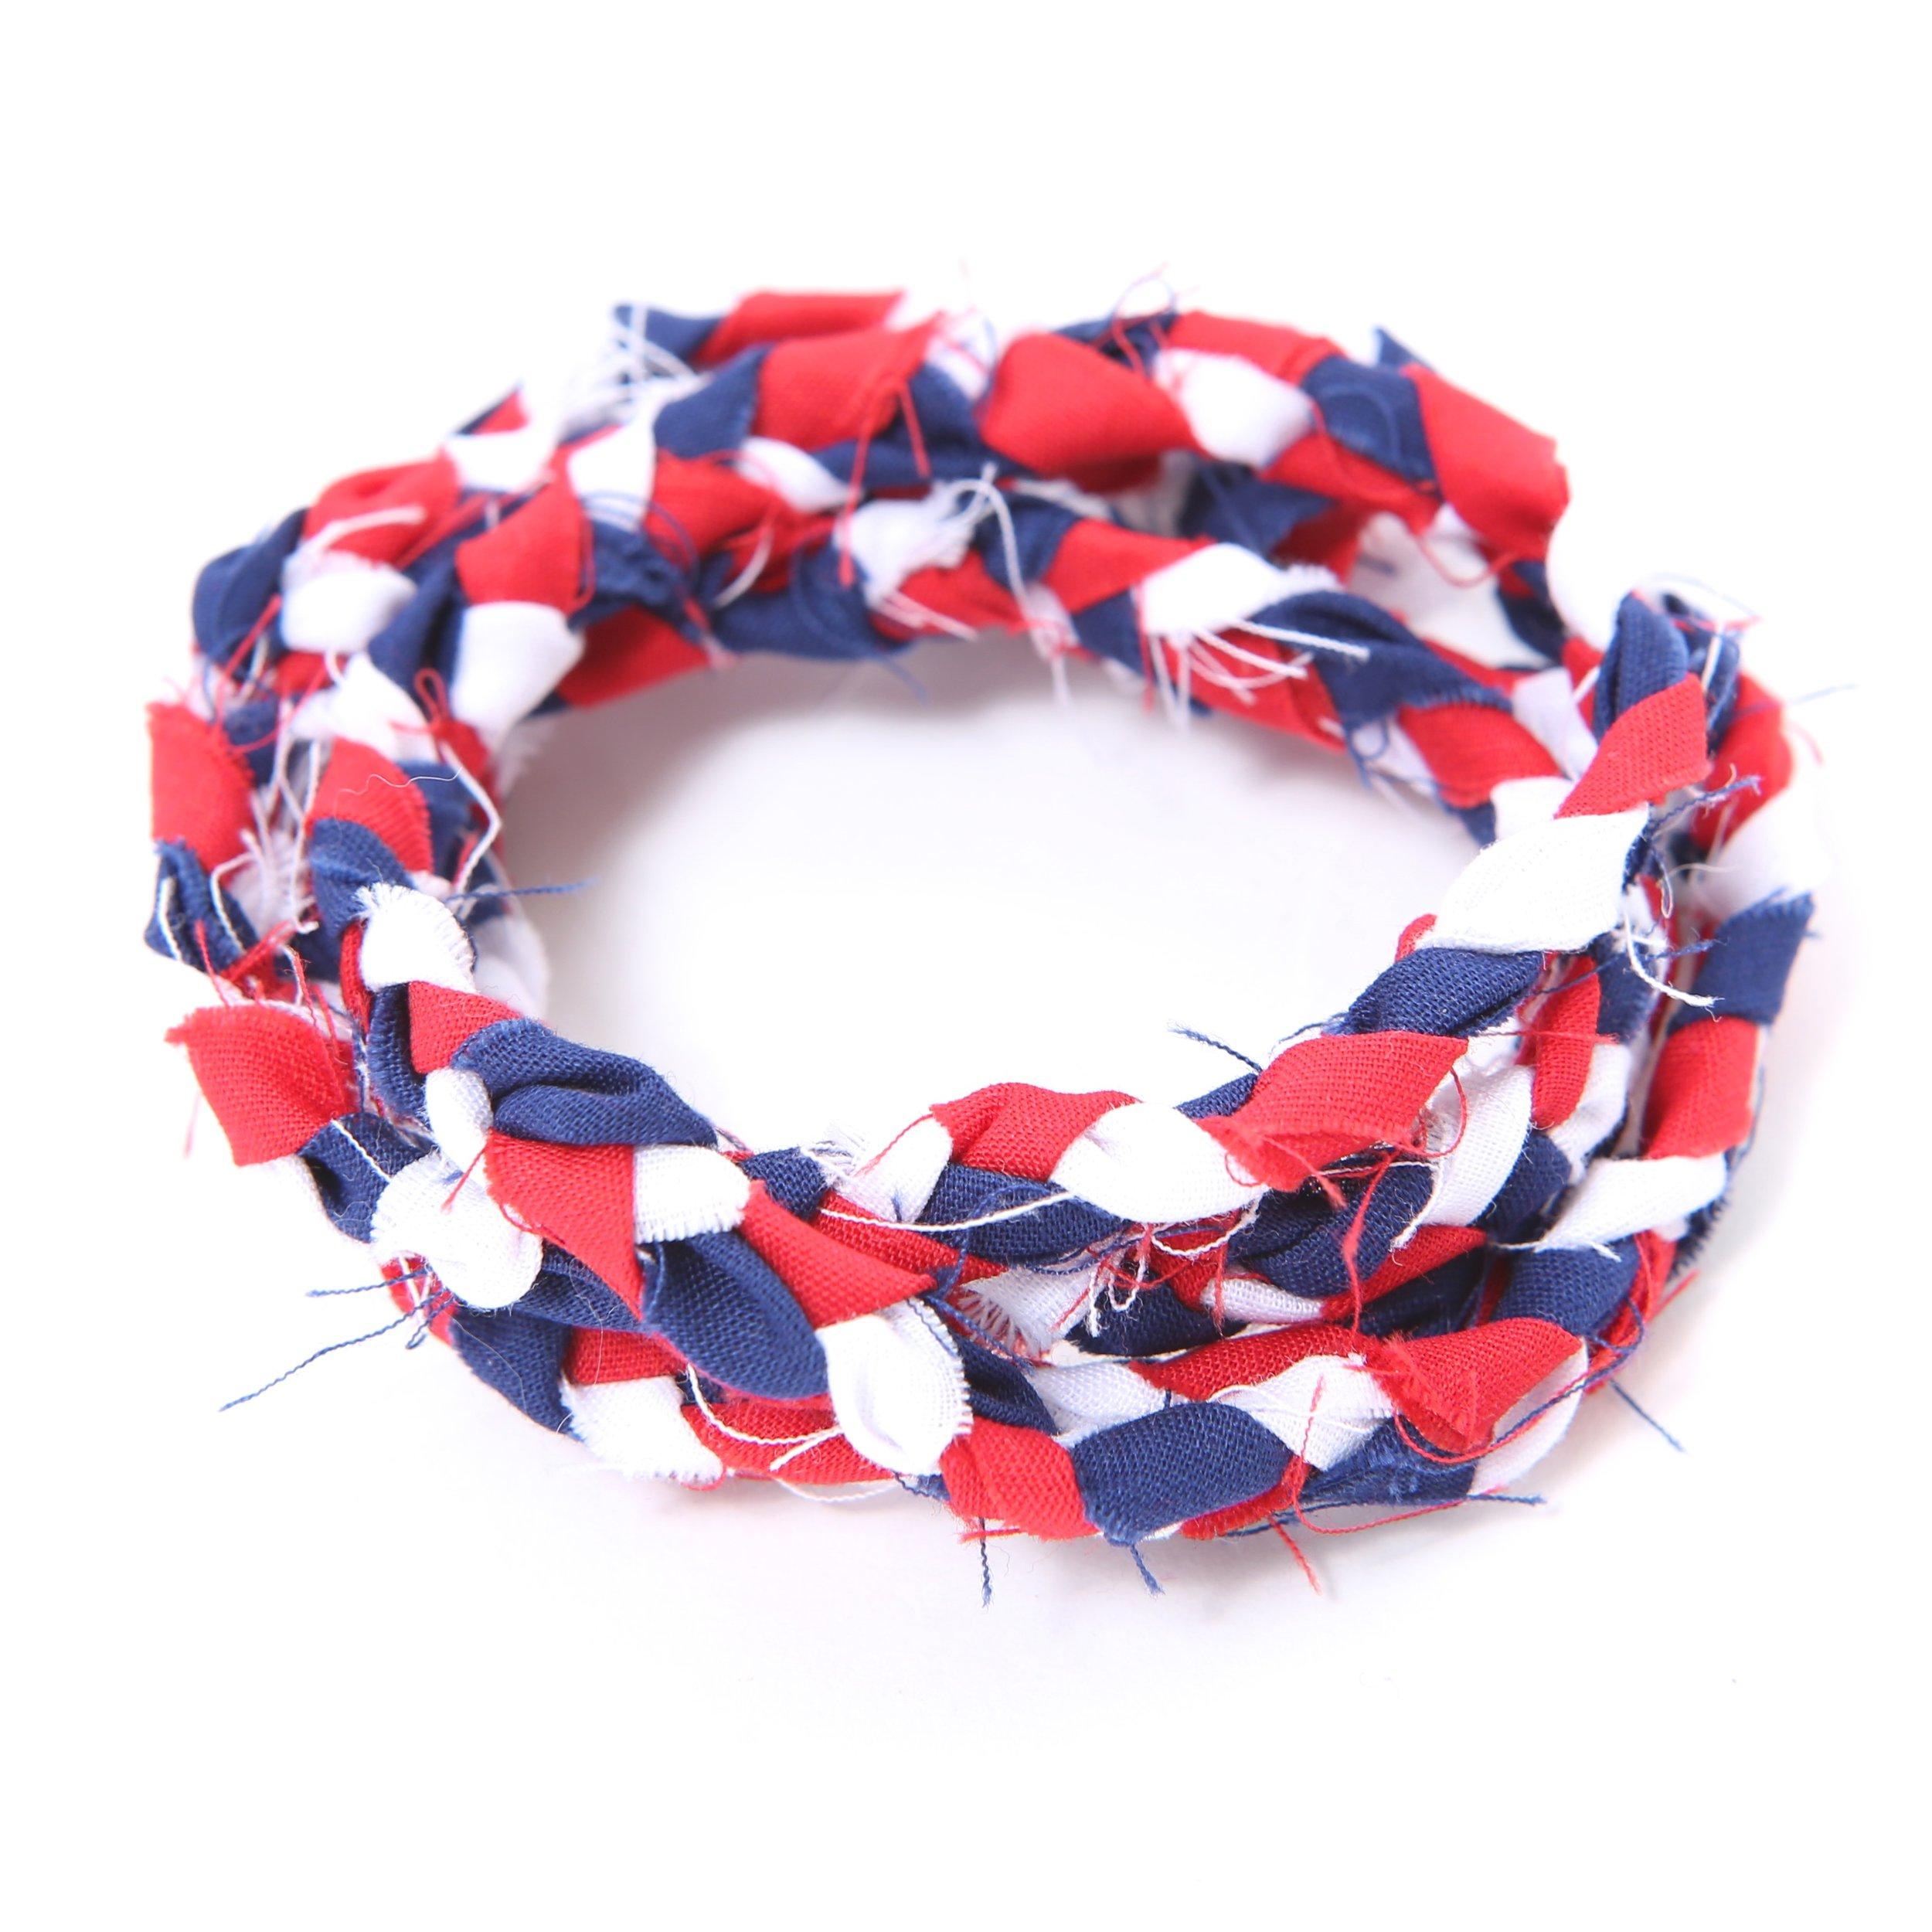 unisex Boho Wrist Wrap independence.jpg